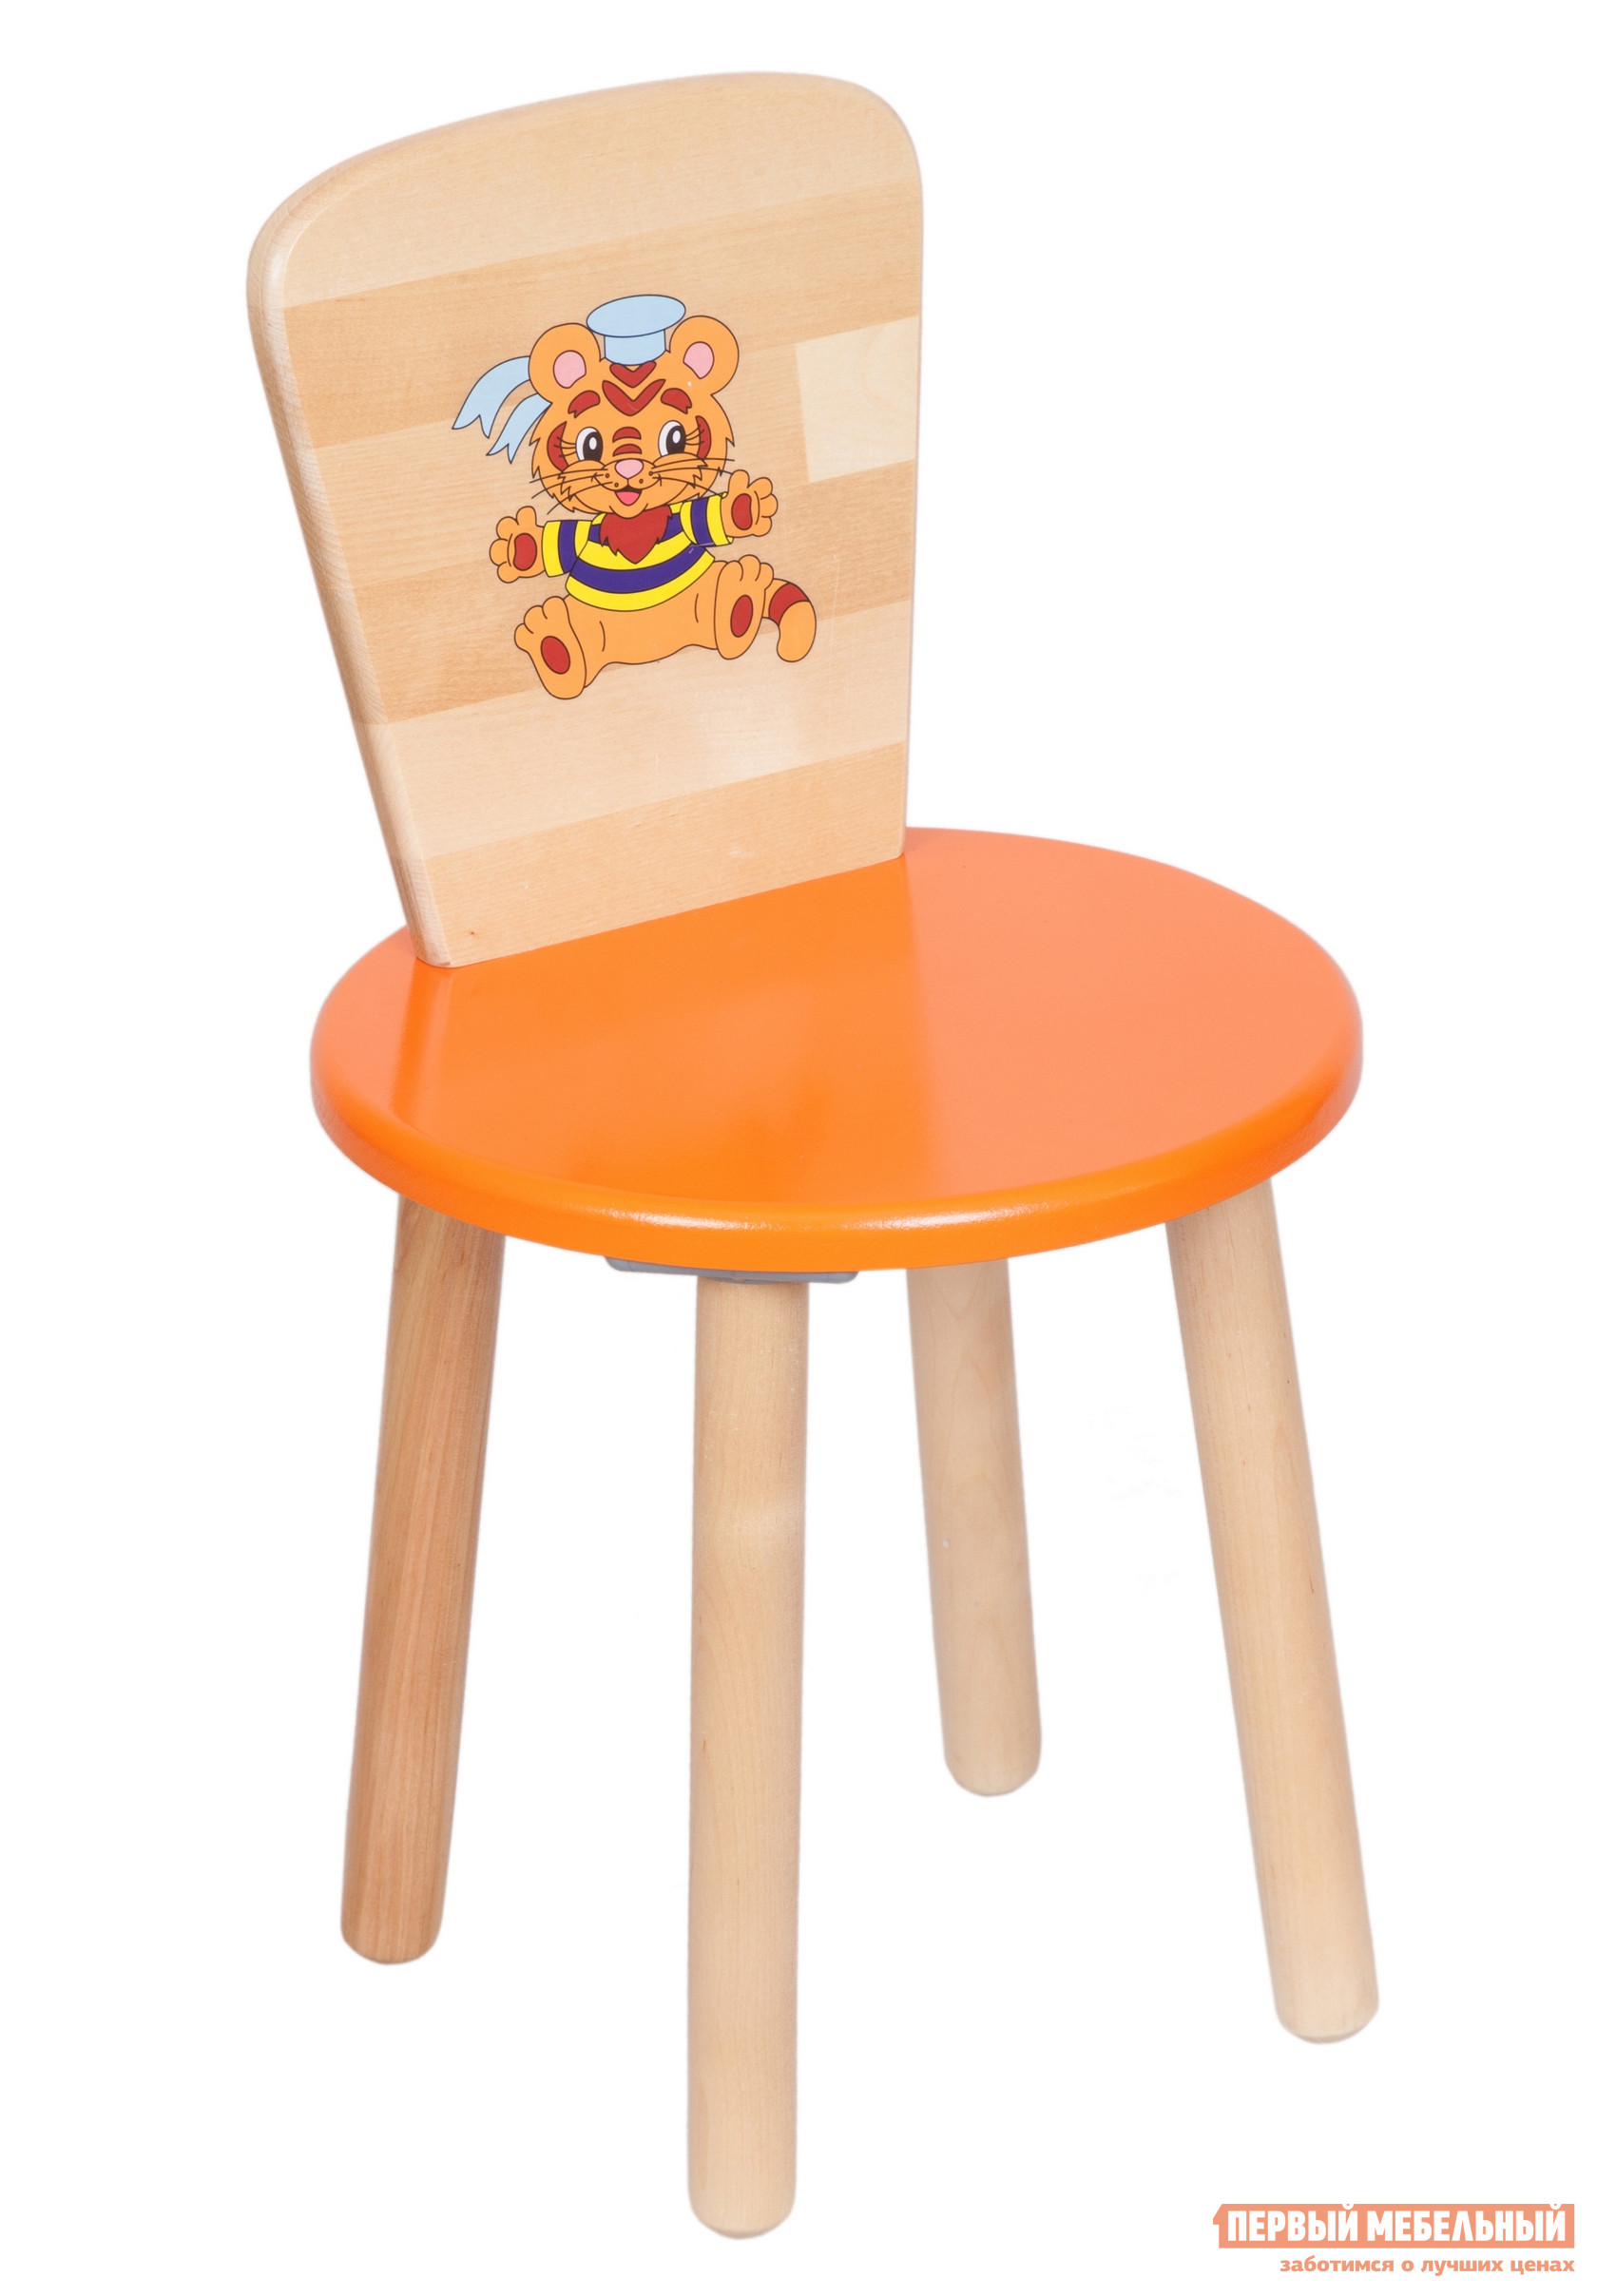 Столик и стульчик РусЭкоМебель Стул Круглый ЭКО Эко оранжевый, рис. Тигренок